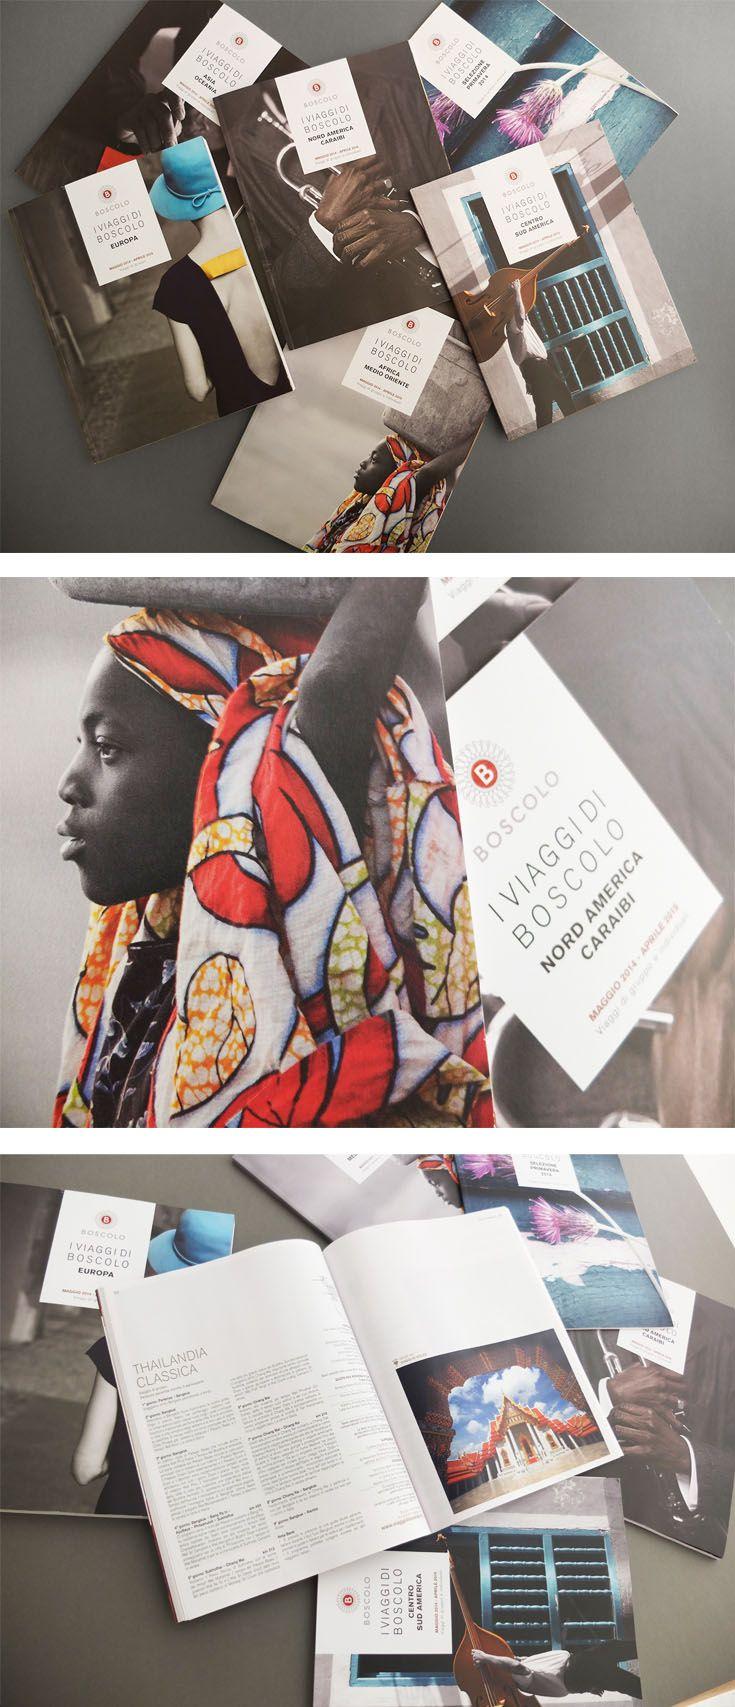 Cataloghi Boscolo, un progetto #effADV - Boscolo #printing, effADV project - #catalogue #catalogo